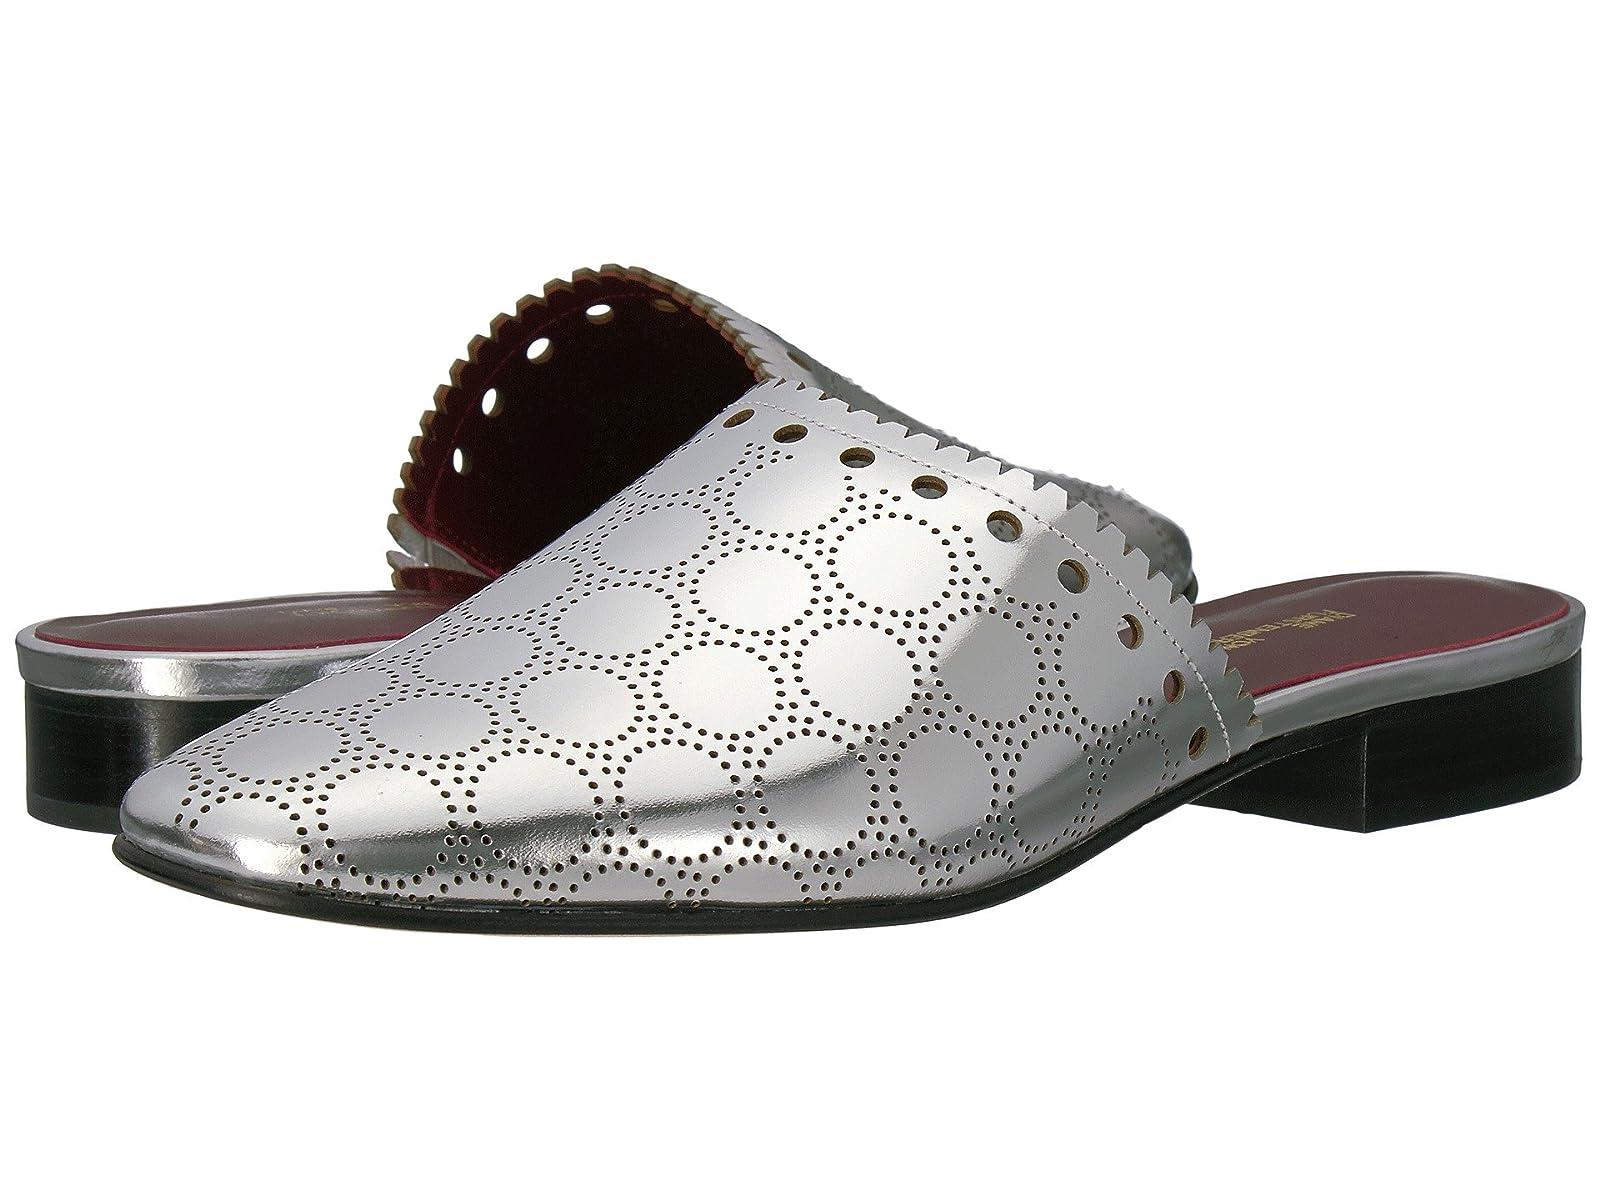 Diane von Furstenberg LeonoraCheap and distinctive eye-catching shoes